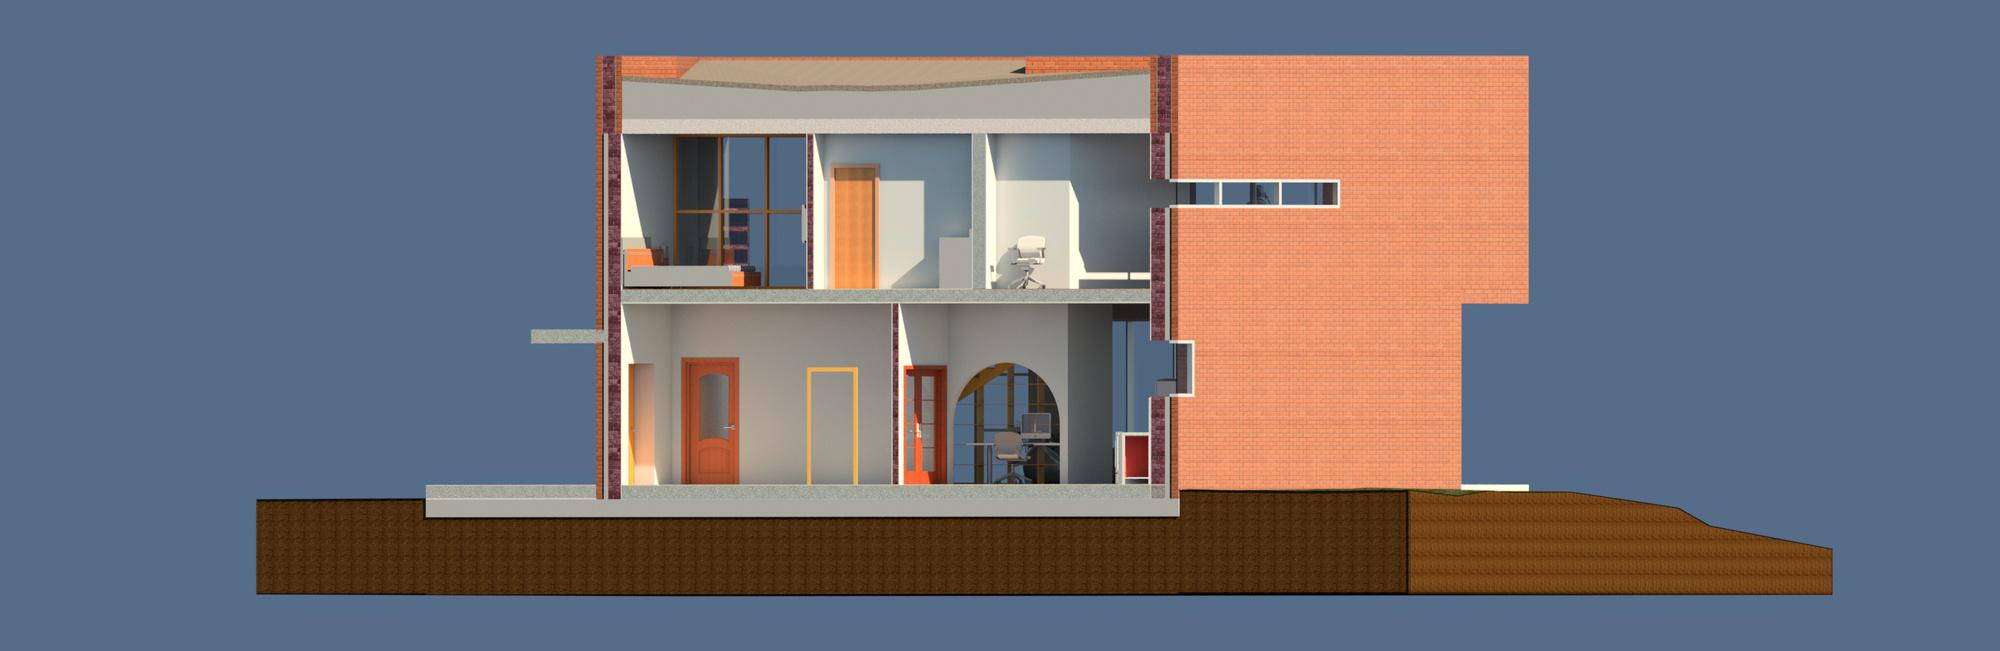 Raas-rendering20150604-11991-dxirjr